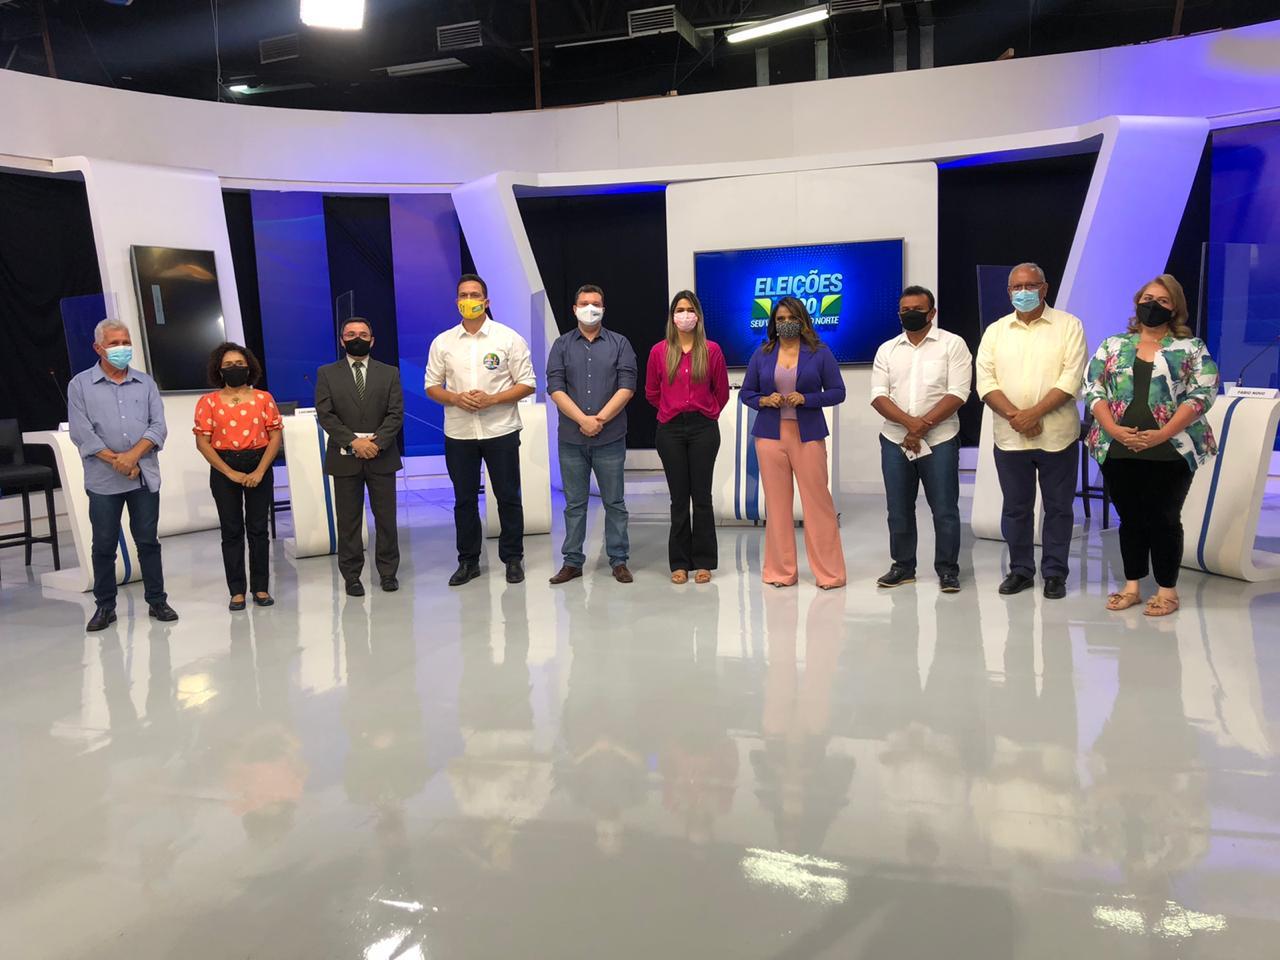 Nove dos 13 candidatos à prefeitura de Teresina participaram do debate realizado pela Rede MN - Fotos: Raíssa Morias